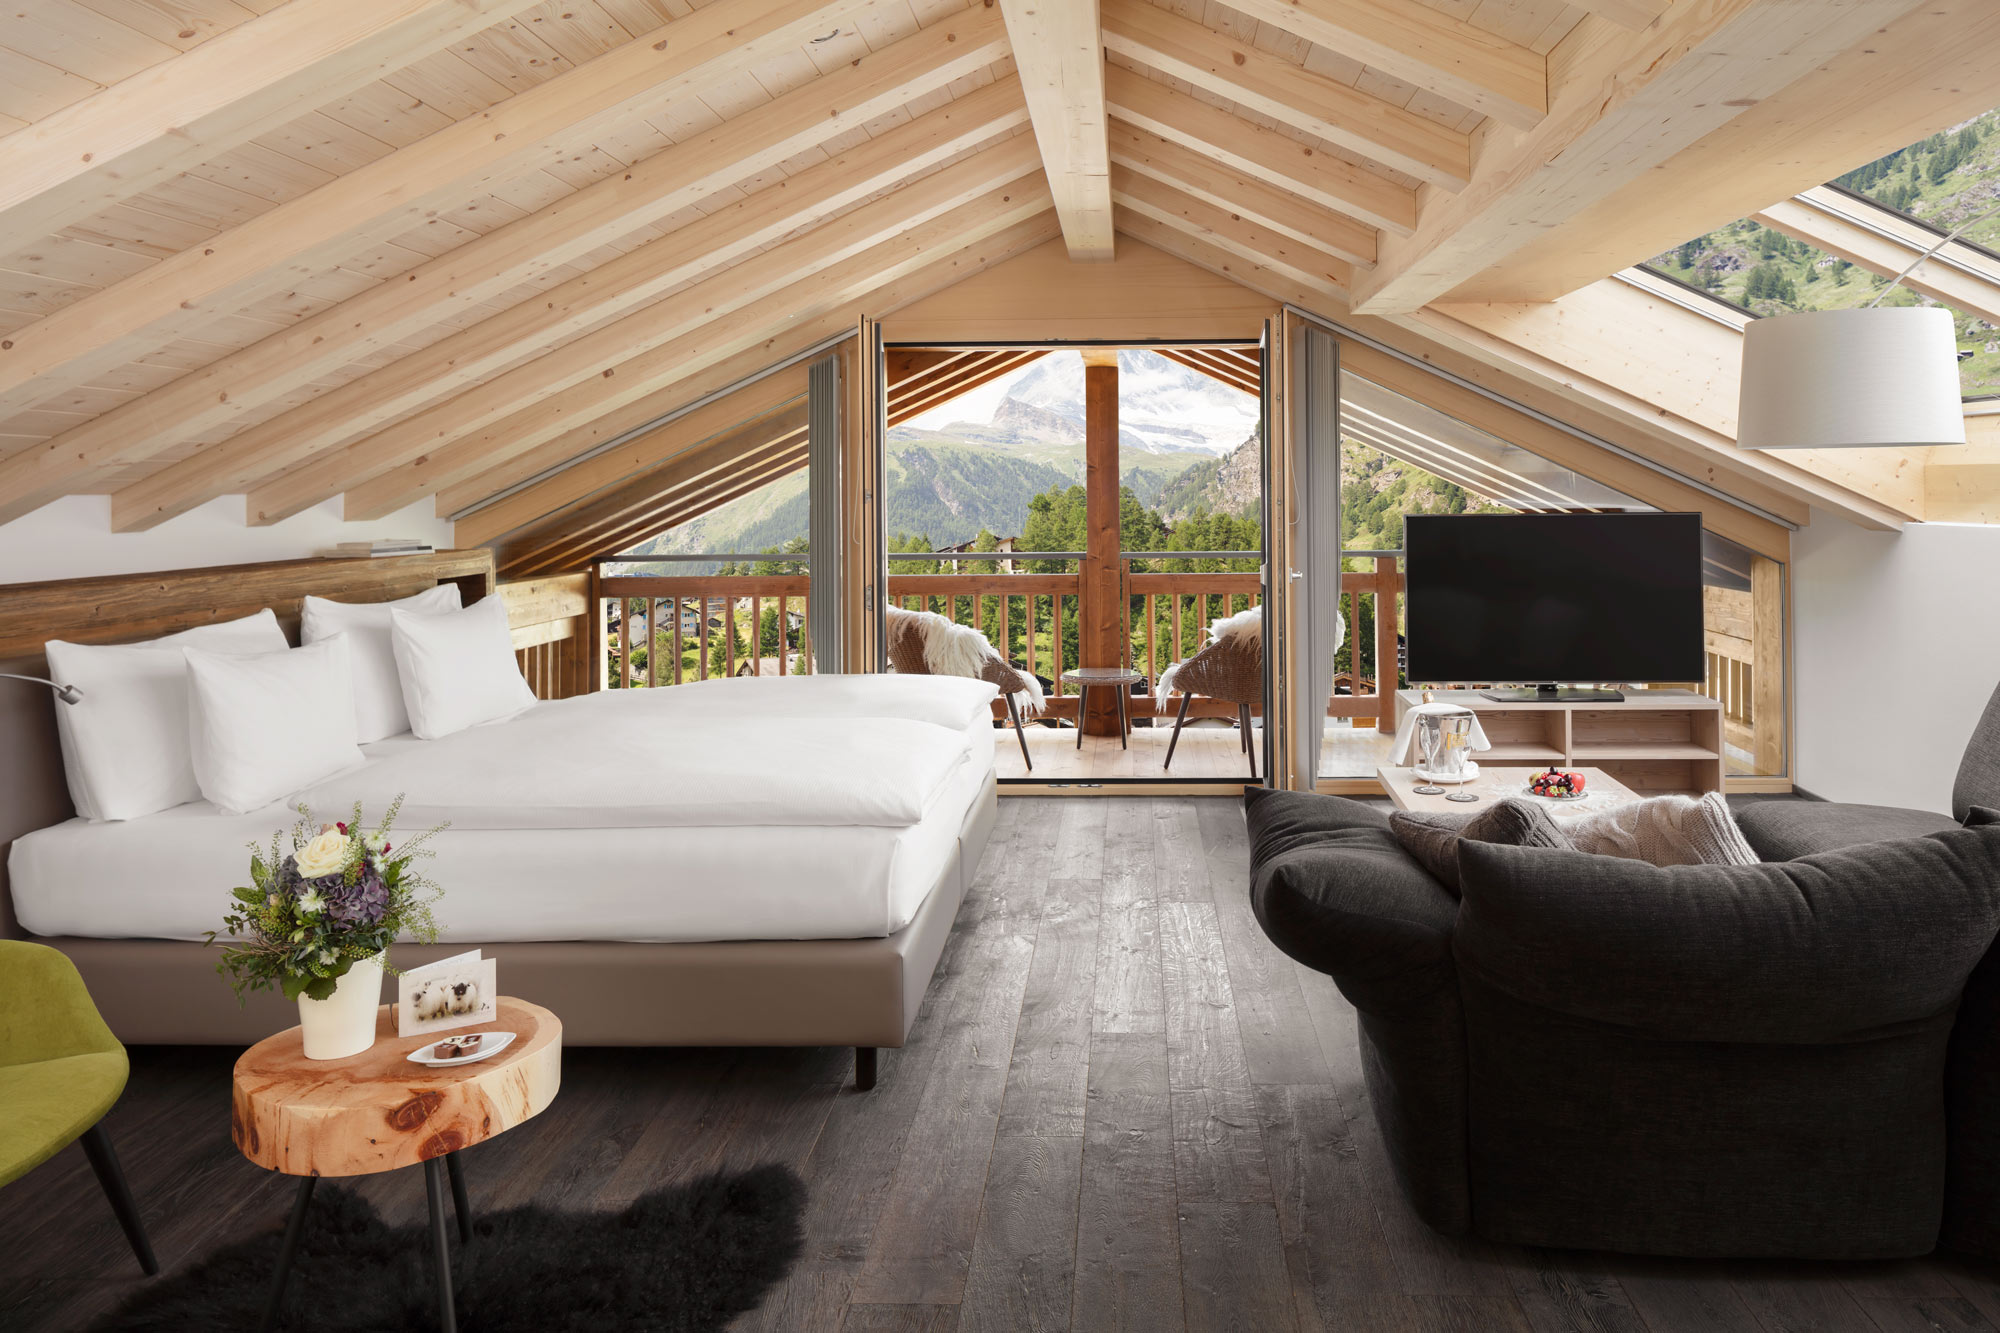 Hotelfotografie Luxus-Chalet-Schweiz Hotel Fotograf Adrian Kilchherr